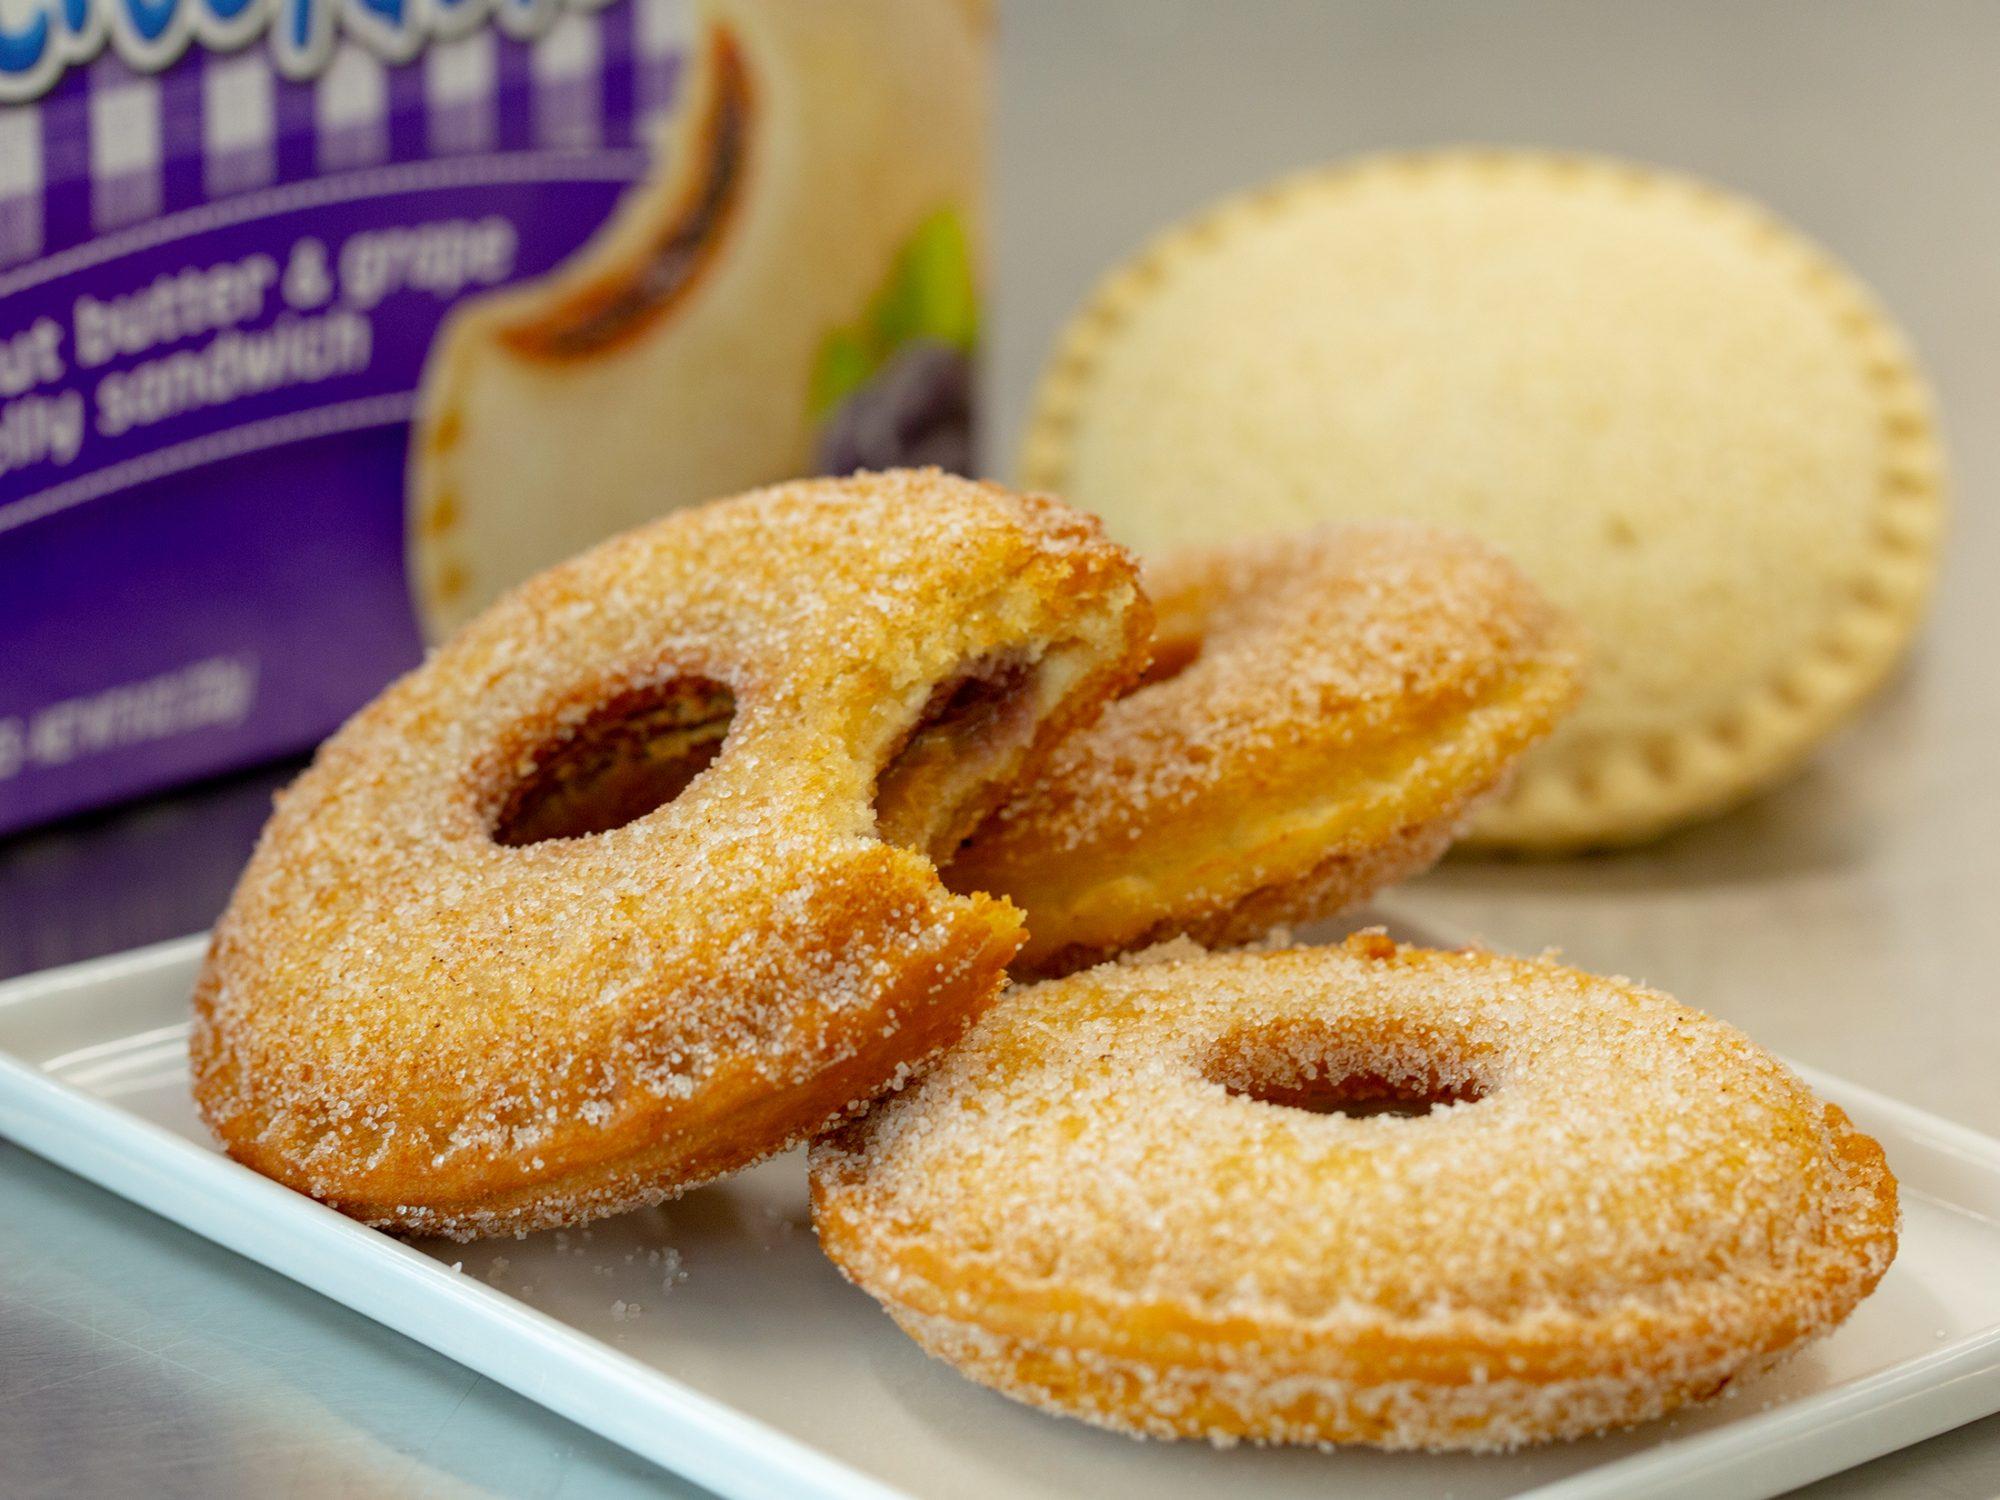 Uncrustable Donuts image